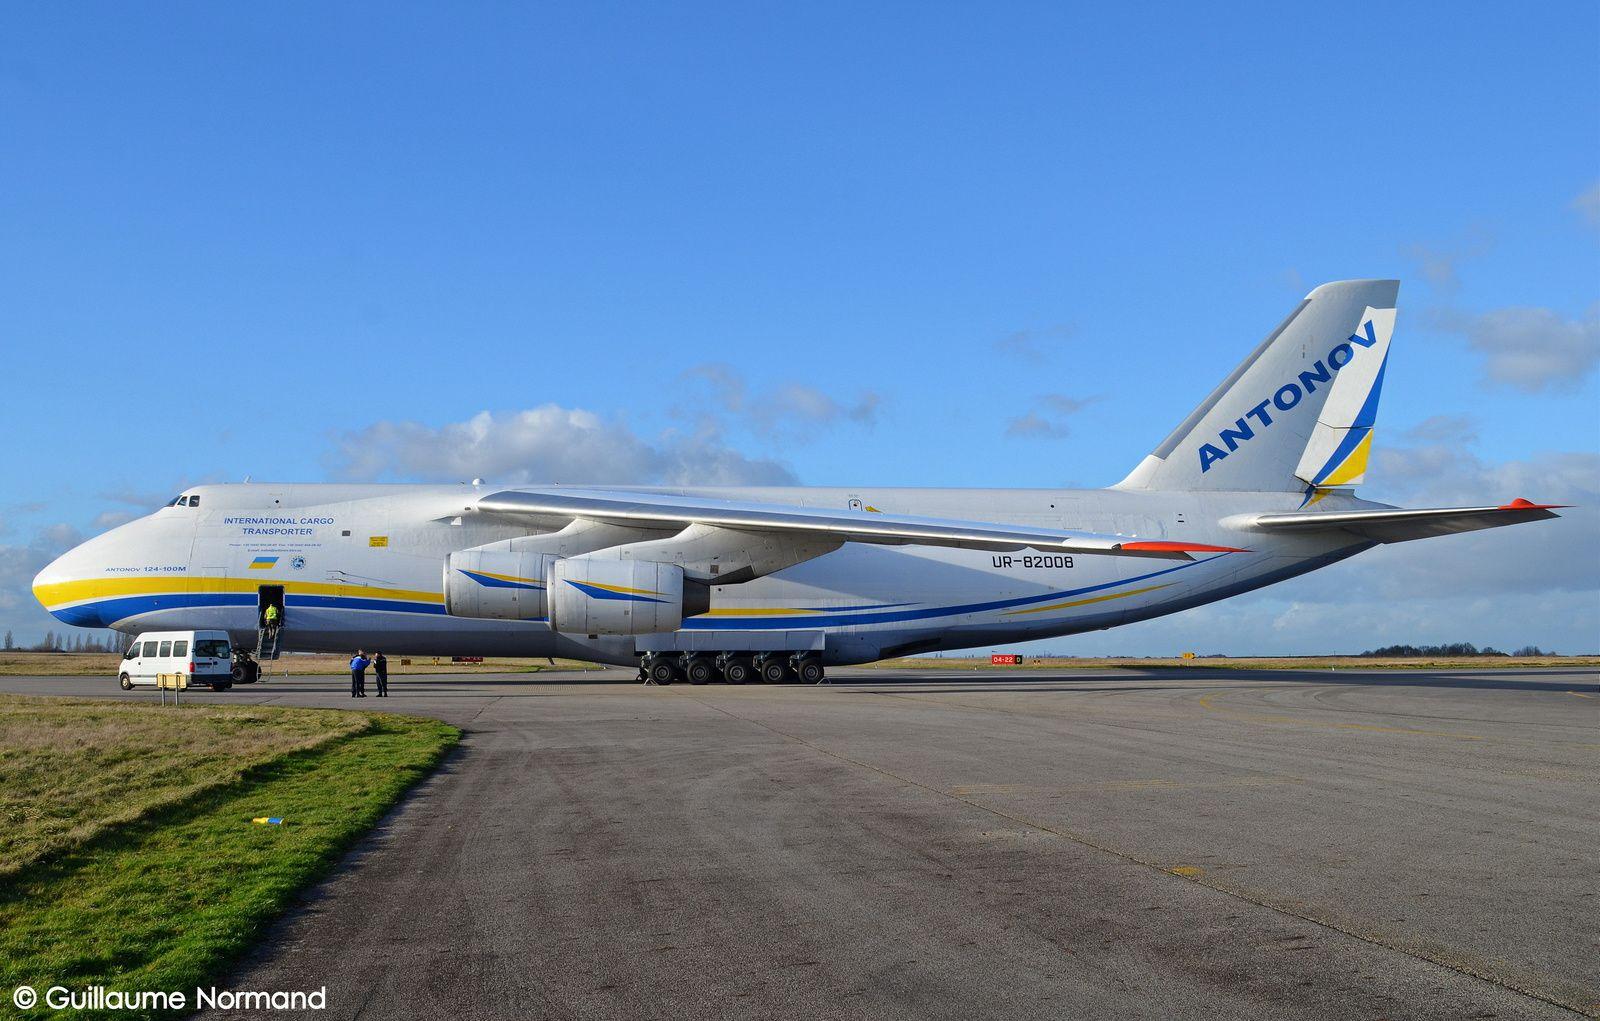 PHOTOS - Embarquement immédiat pour le Sahel !